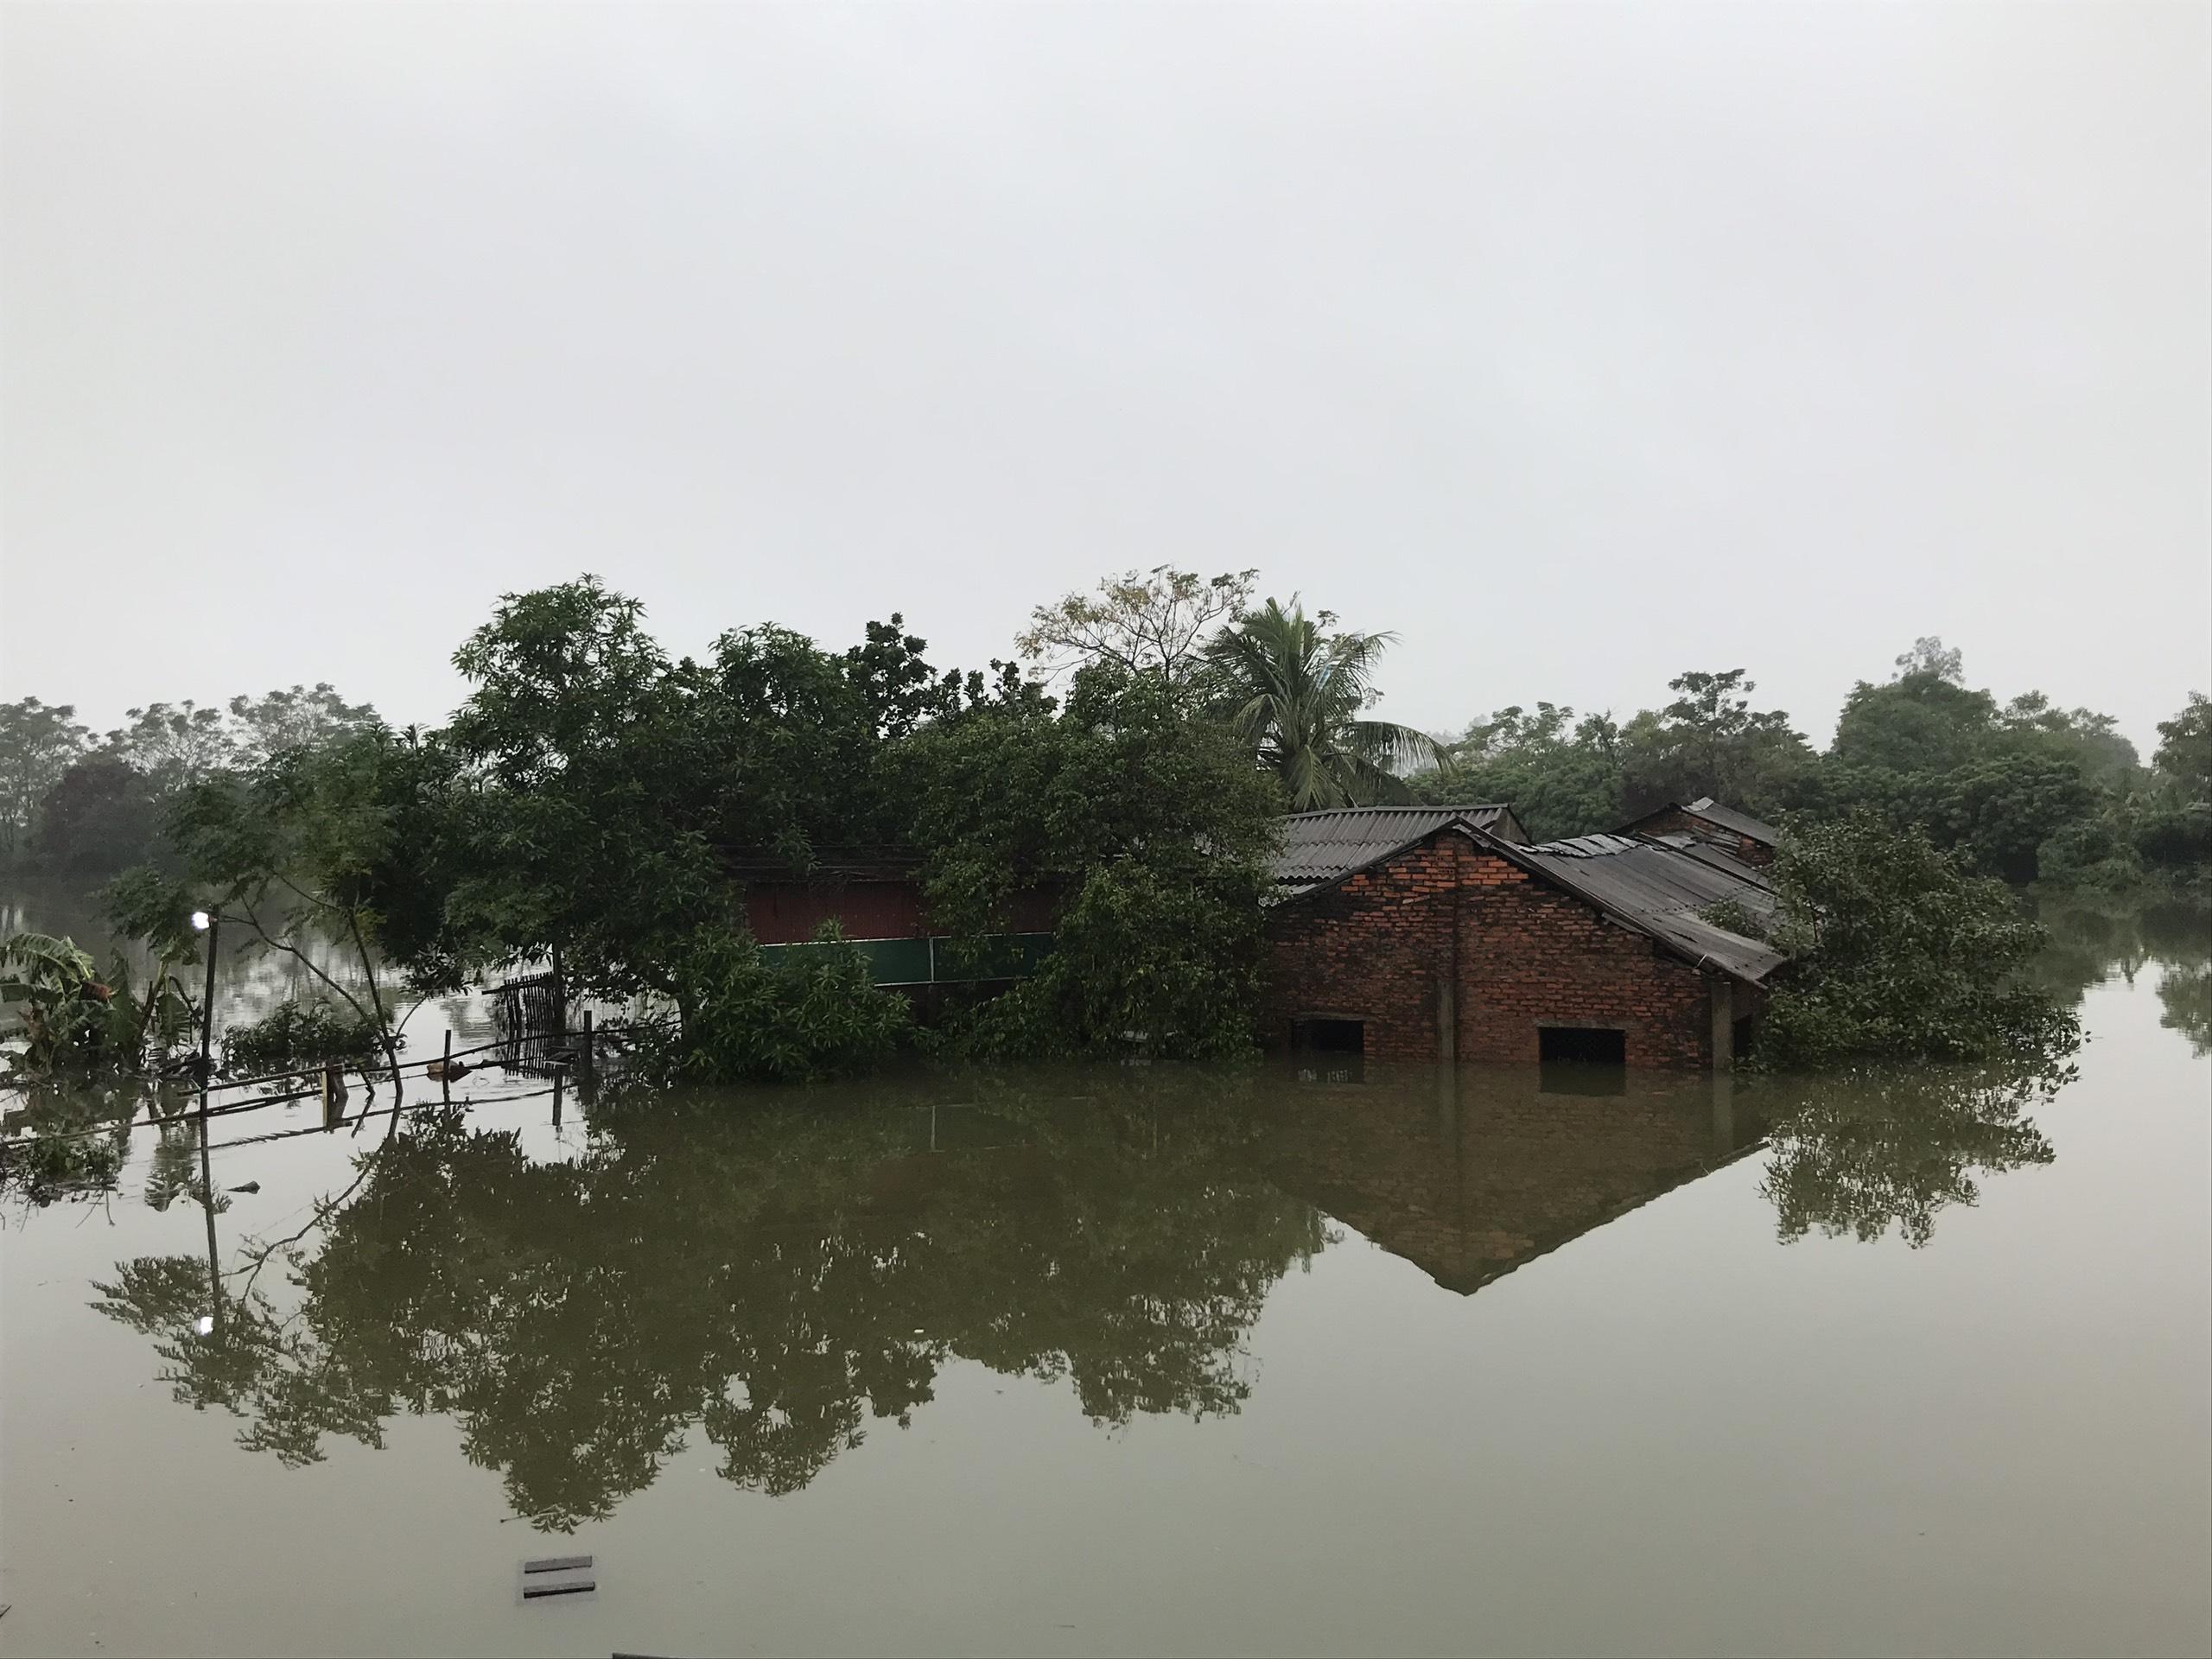 Nghệ An: Người dân ven sông phải lên đê dựng lều cho trâu bò trú ẩn - Ảnh 7.